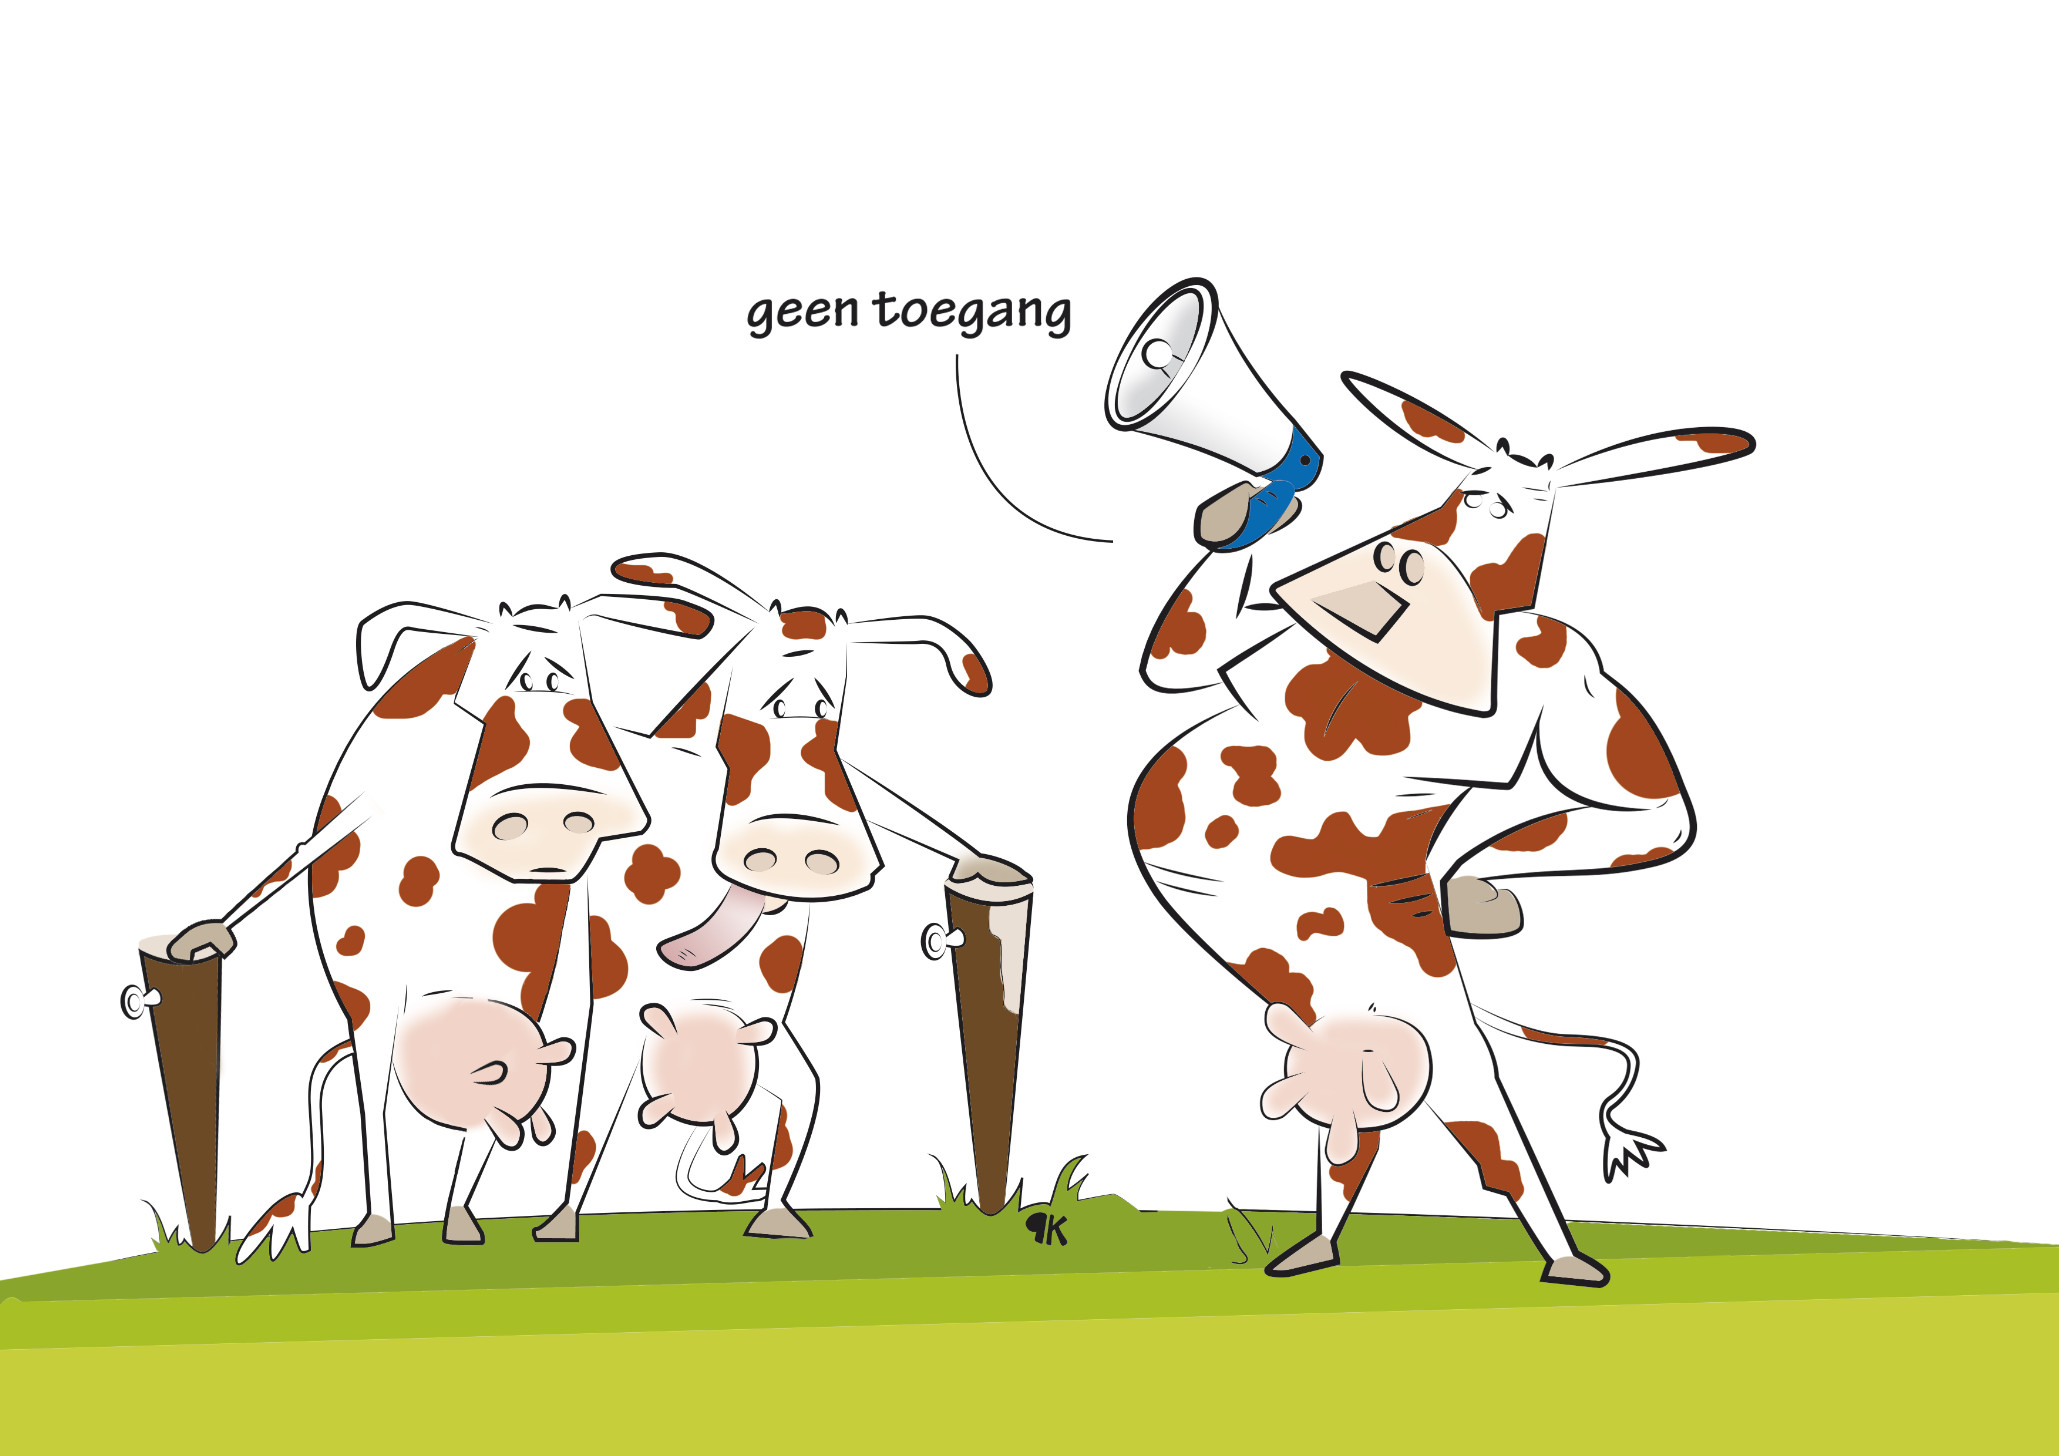 Flinke stijging verwacht in verkoop melk op eigen erf